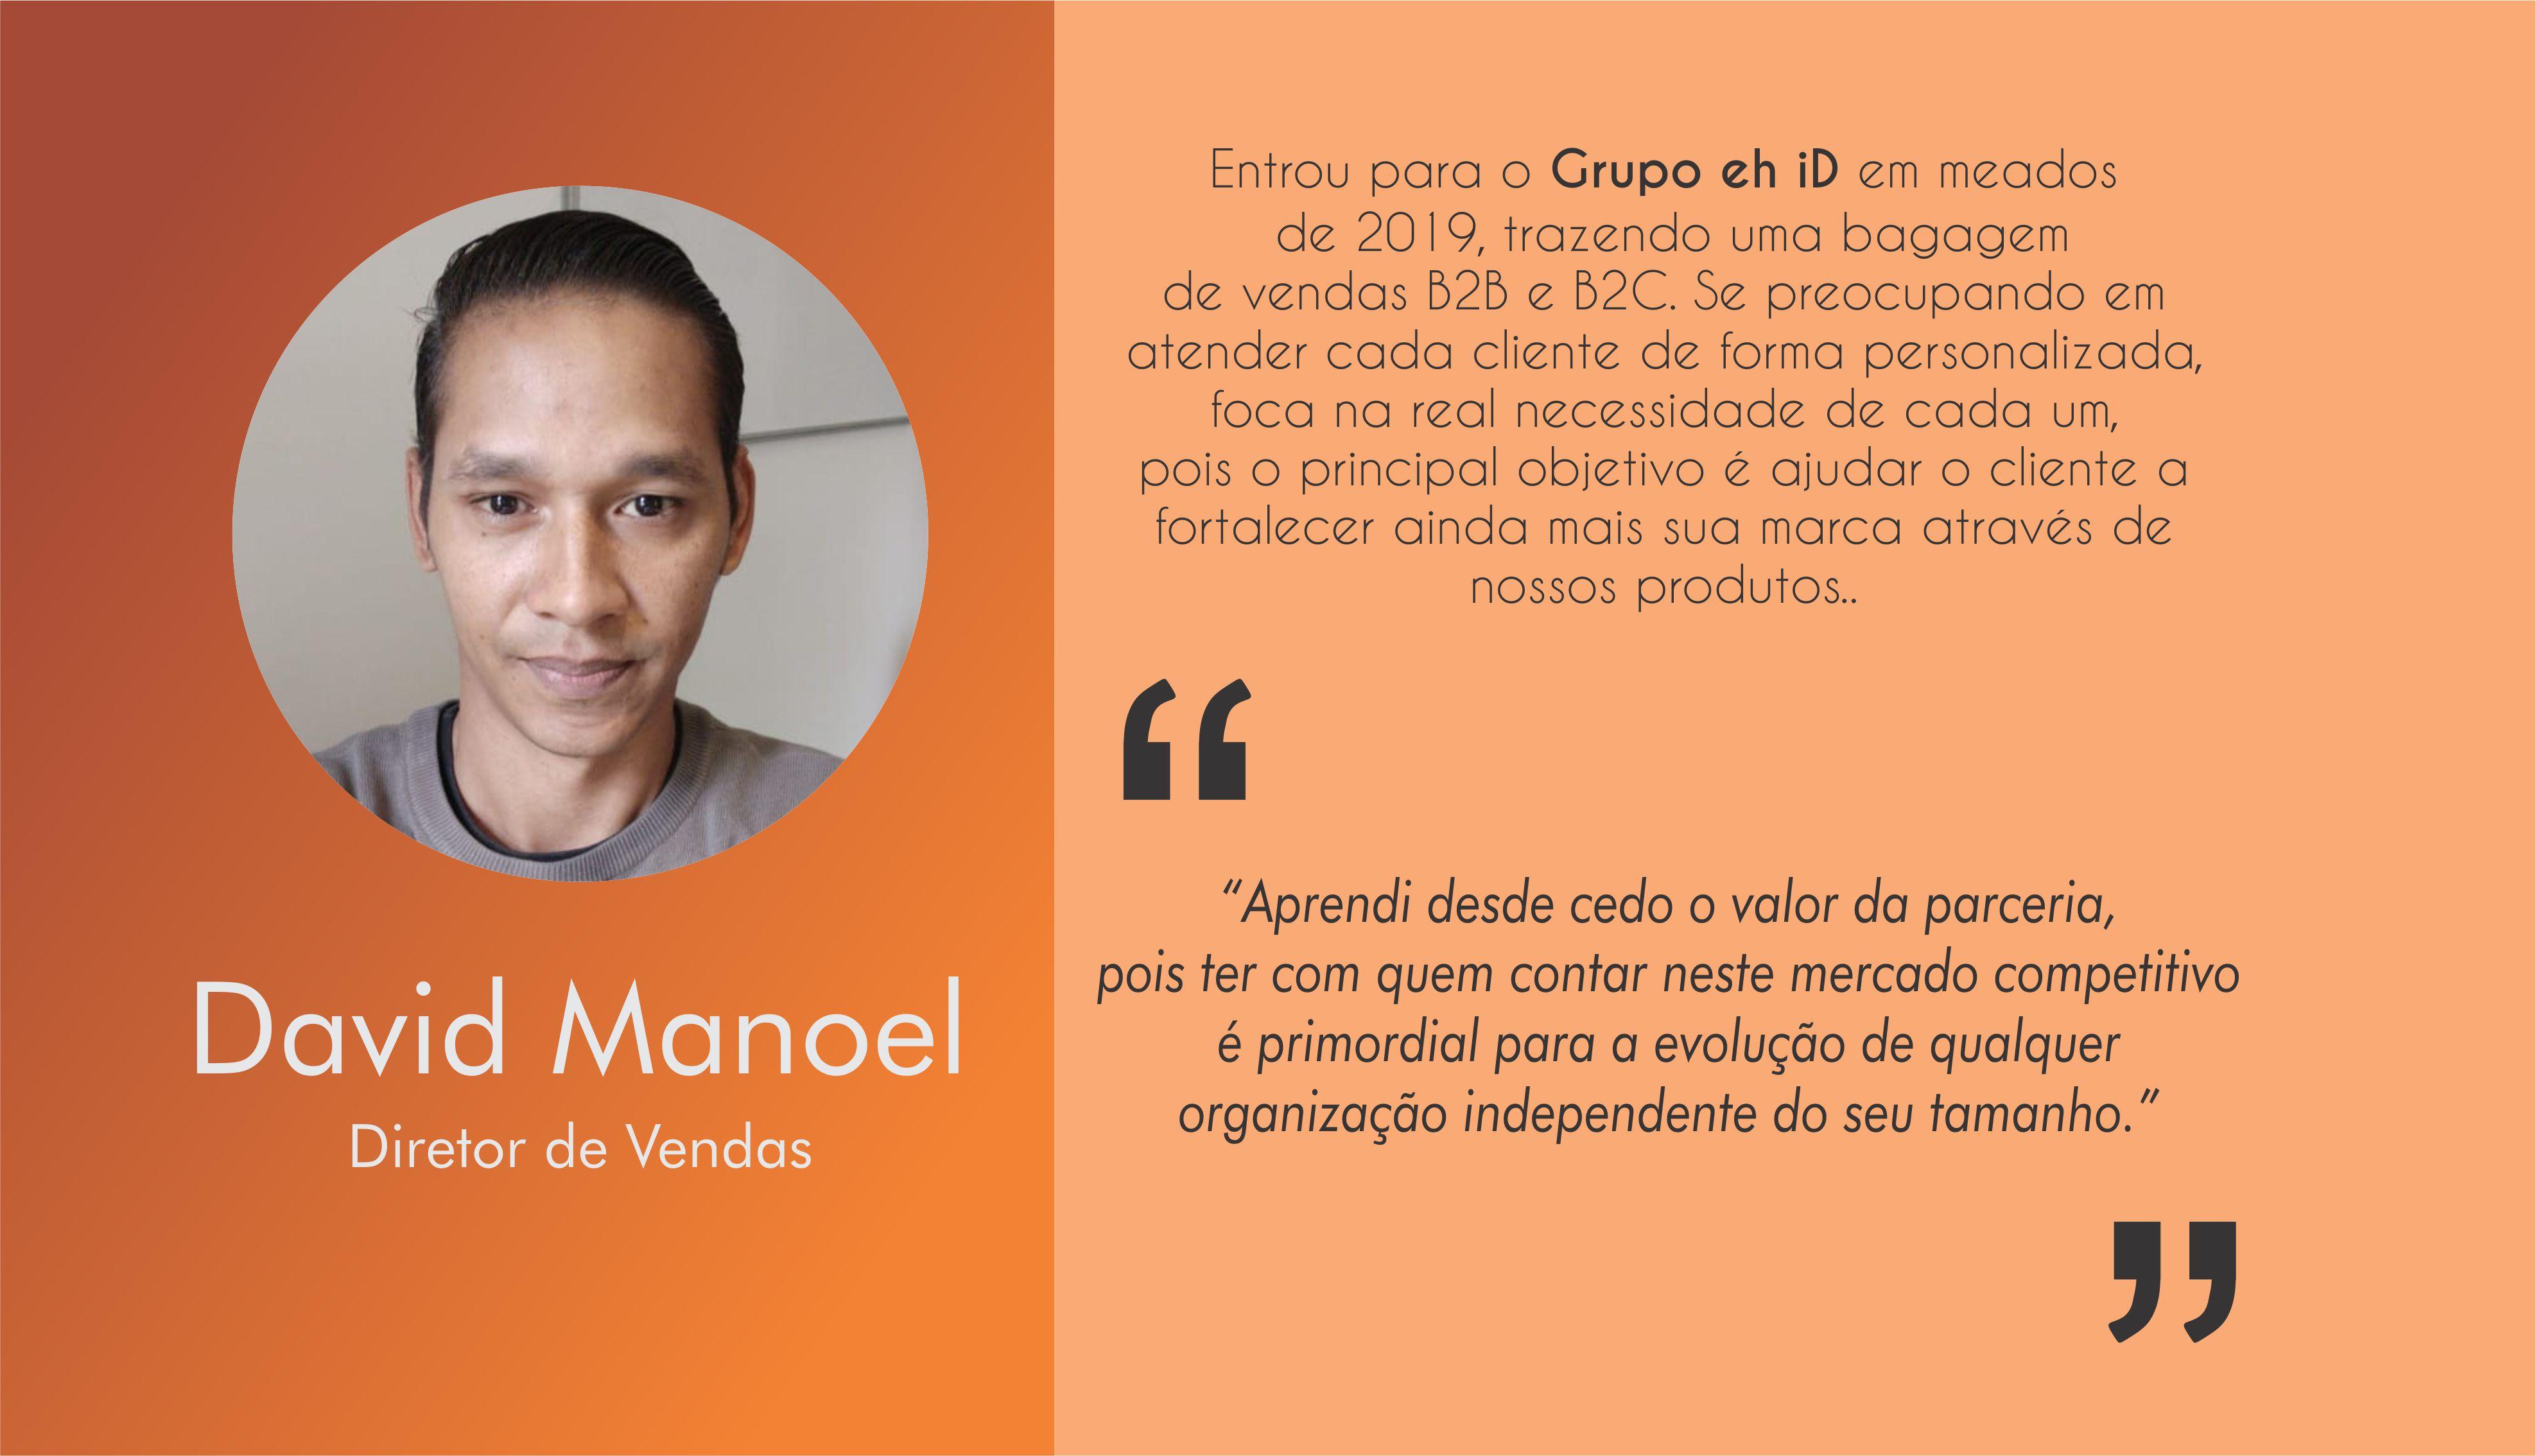 David Manoel